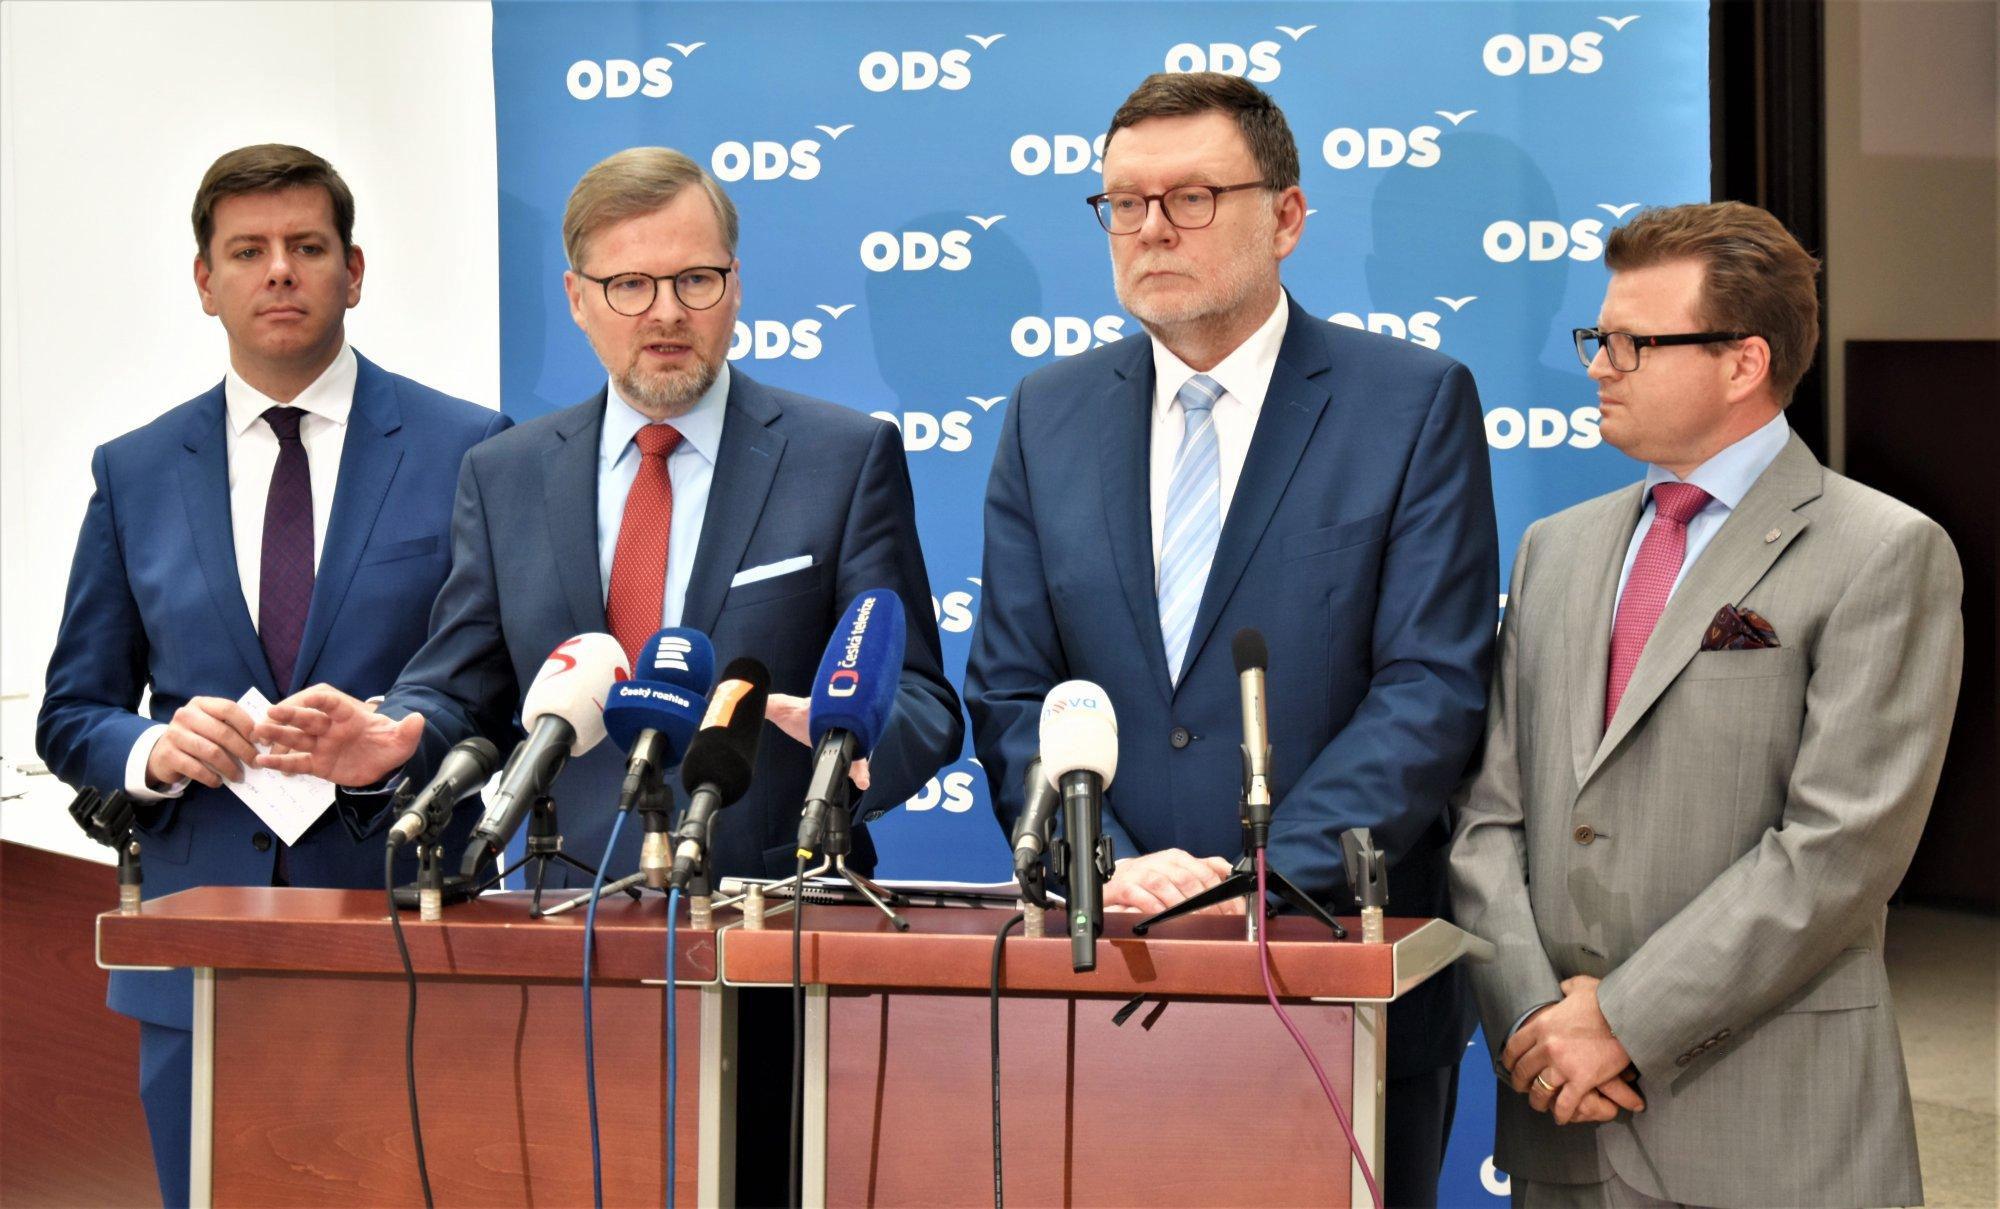 ODS: Podvýbor se zastal podnikatelů. Vyzývá vládu ke konkrétním krokům